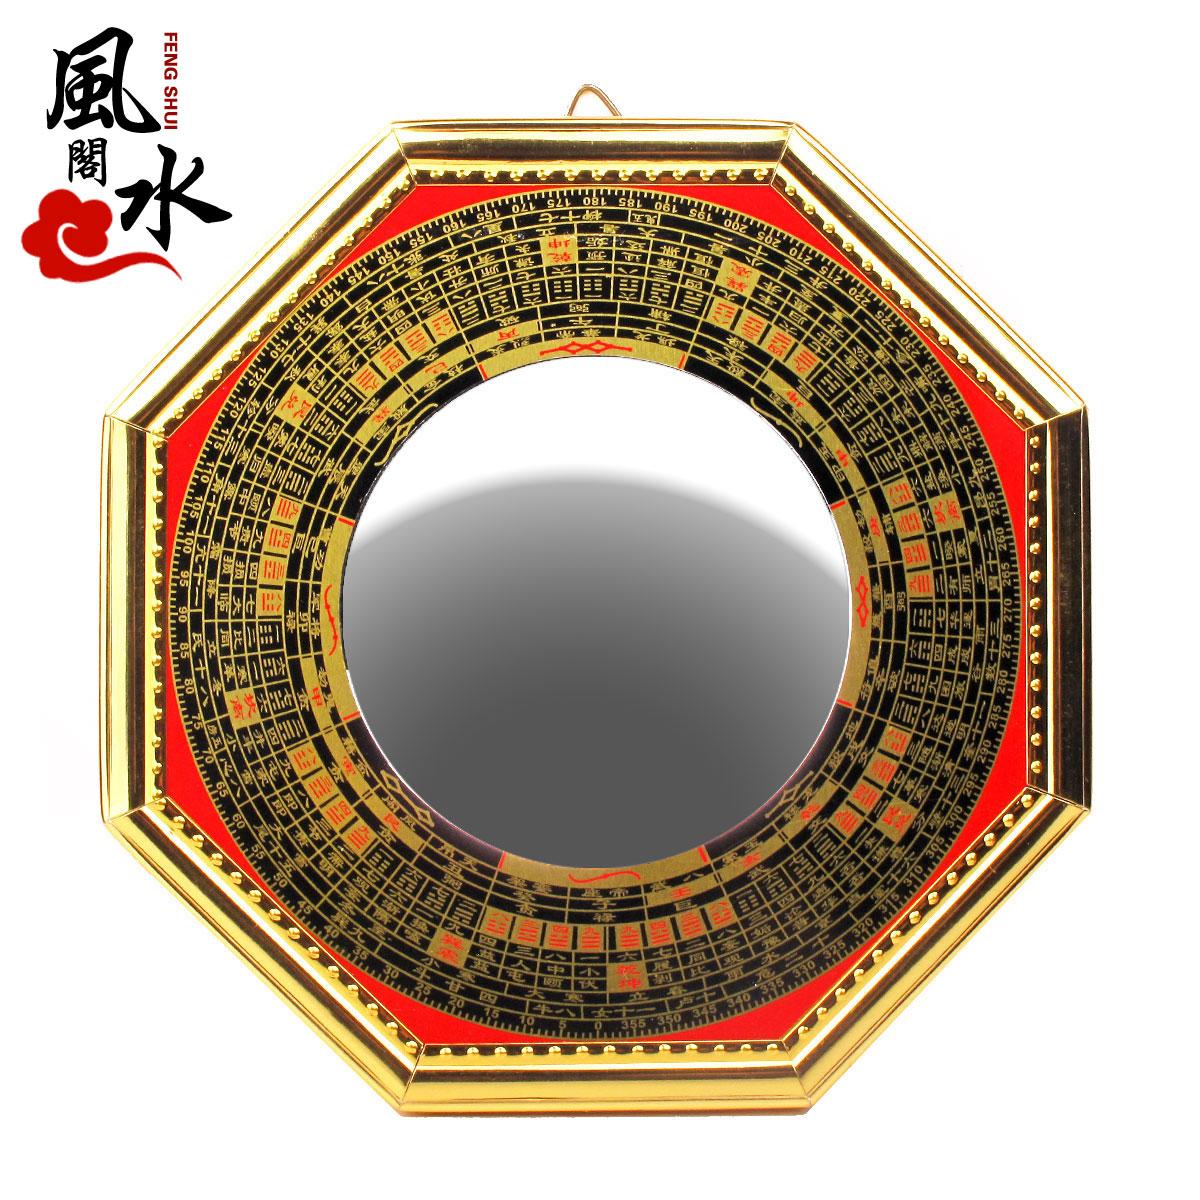 领优惠券5元-风水阁开光合金八卦镜子 凸镜凹镜罗经风水镜用品招财摆件